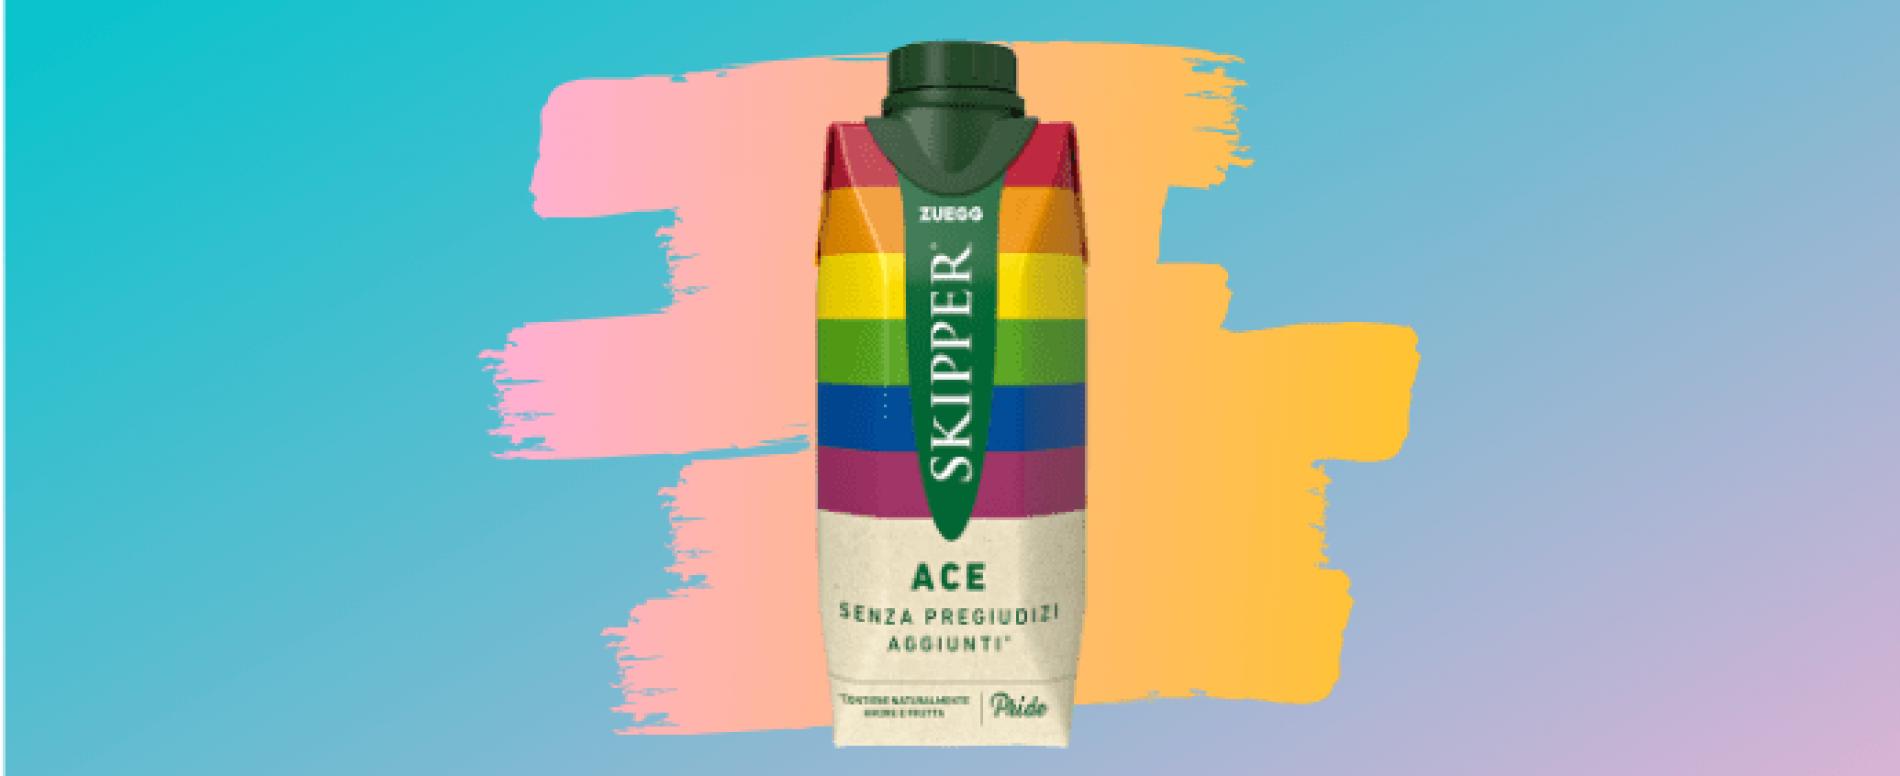 """Skipper per il pride 2019 con il succo """"senza pregiudizi aggiunti"""""""